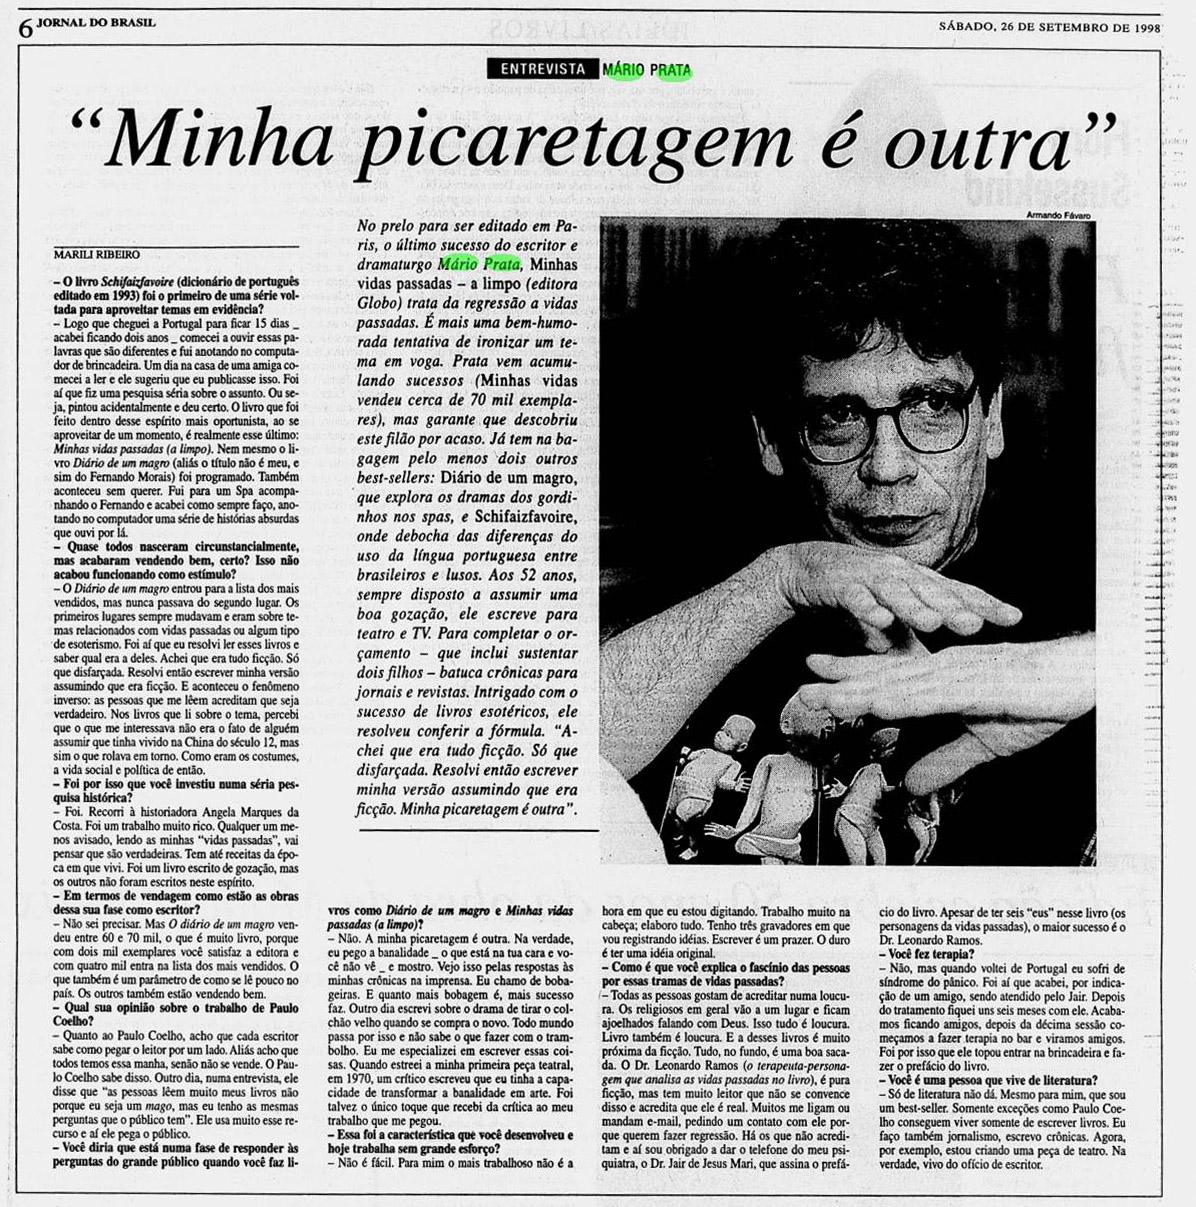 jornal_do_brasil_113